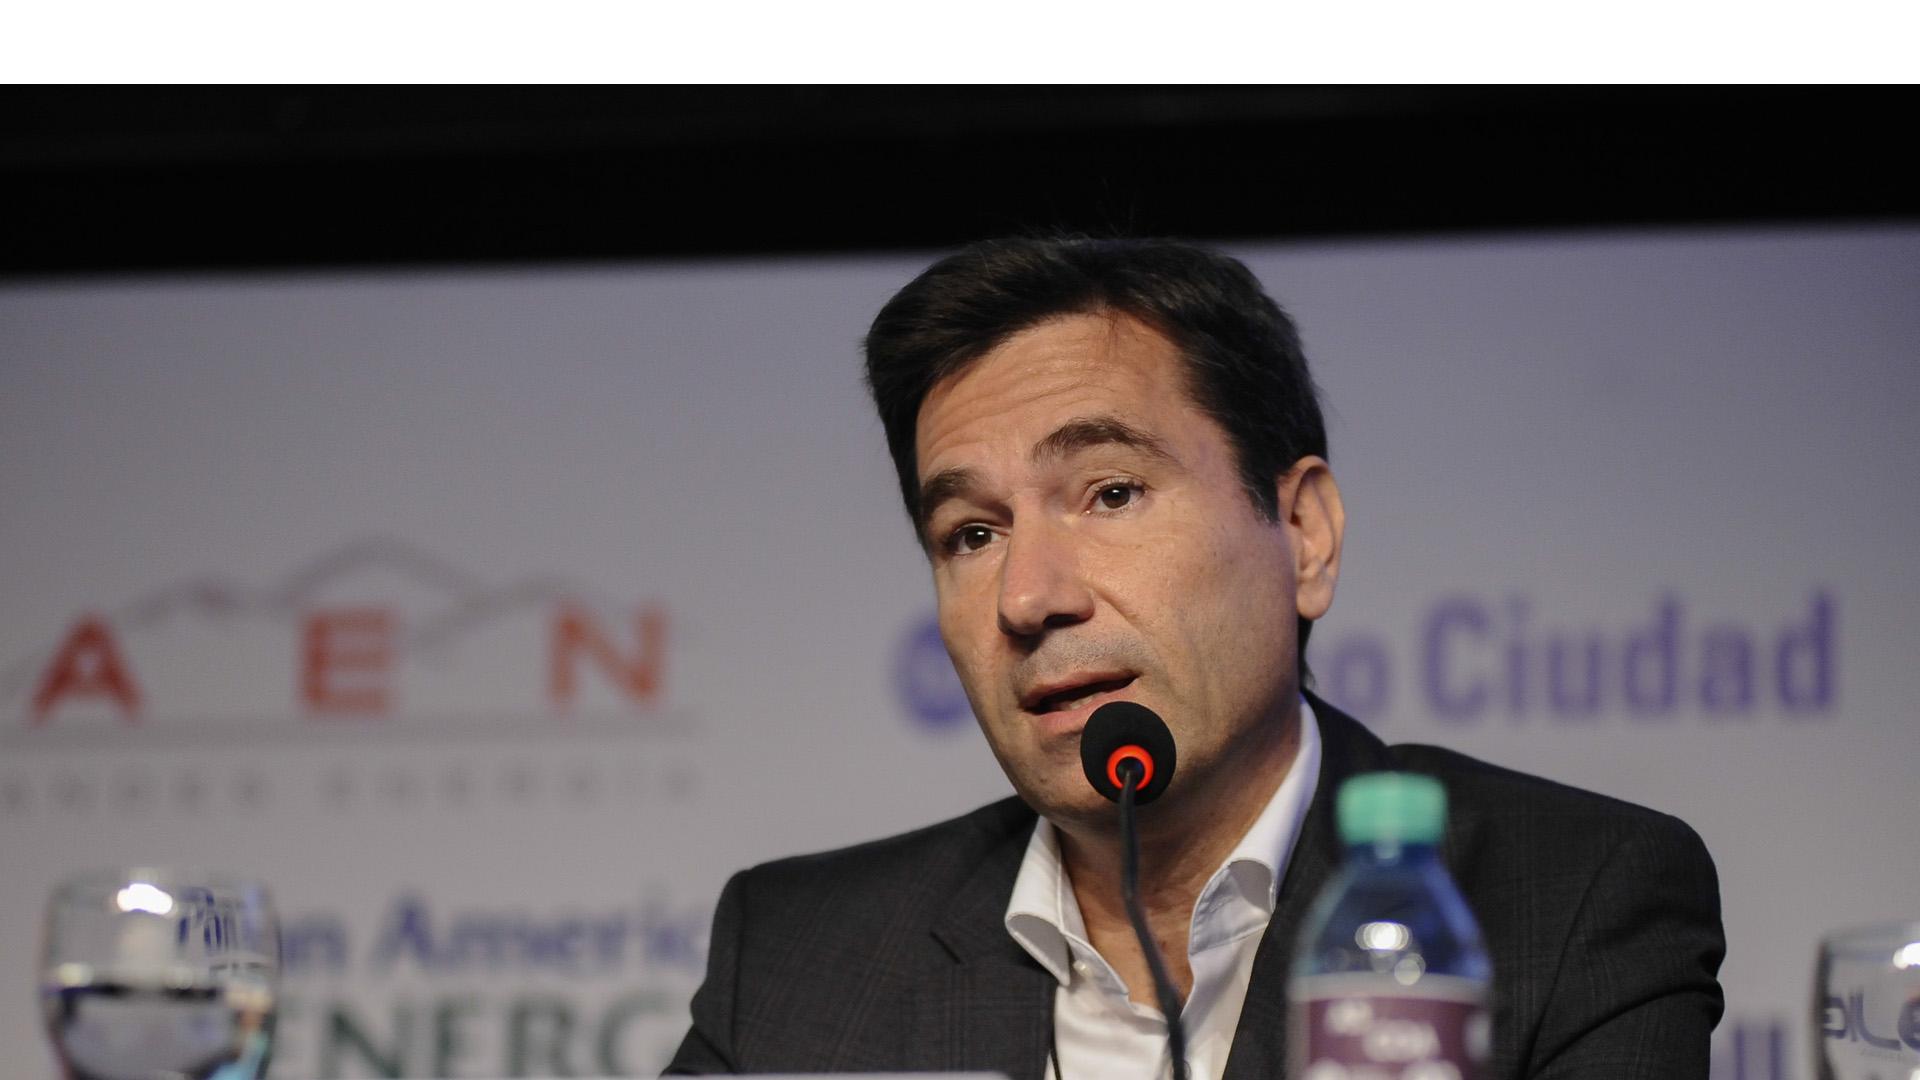 El vicepresidente de la red social para América Latina se negó a mostrar conversaciones solicitadas por la policía